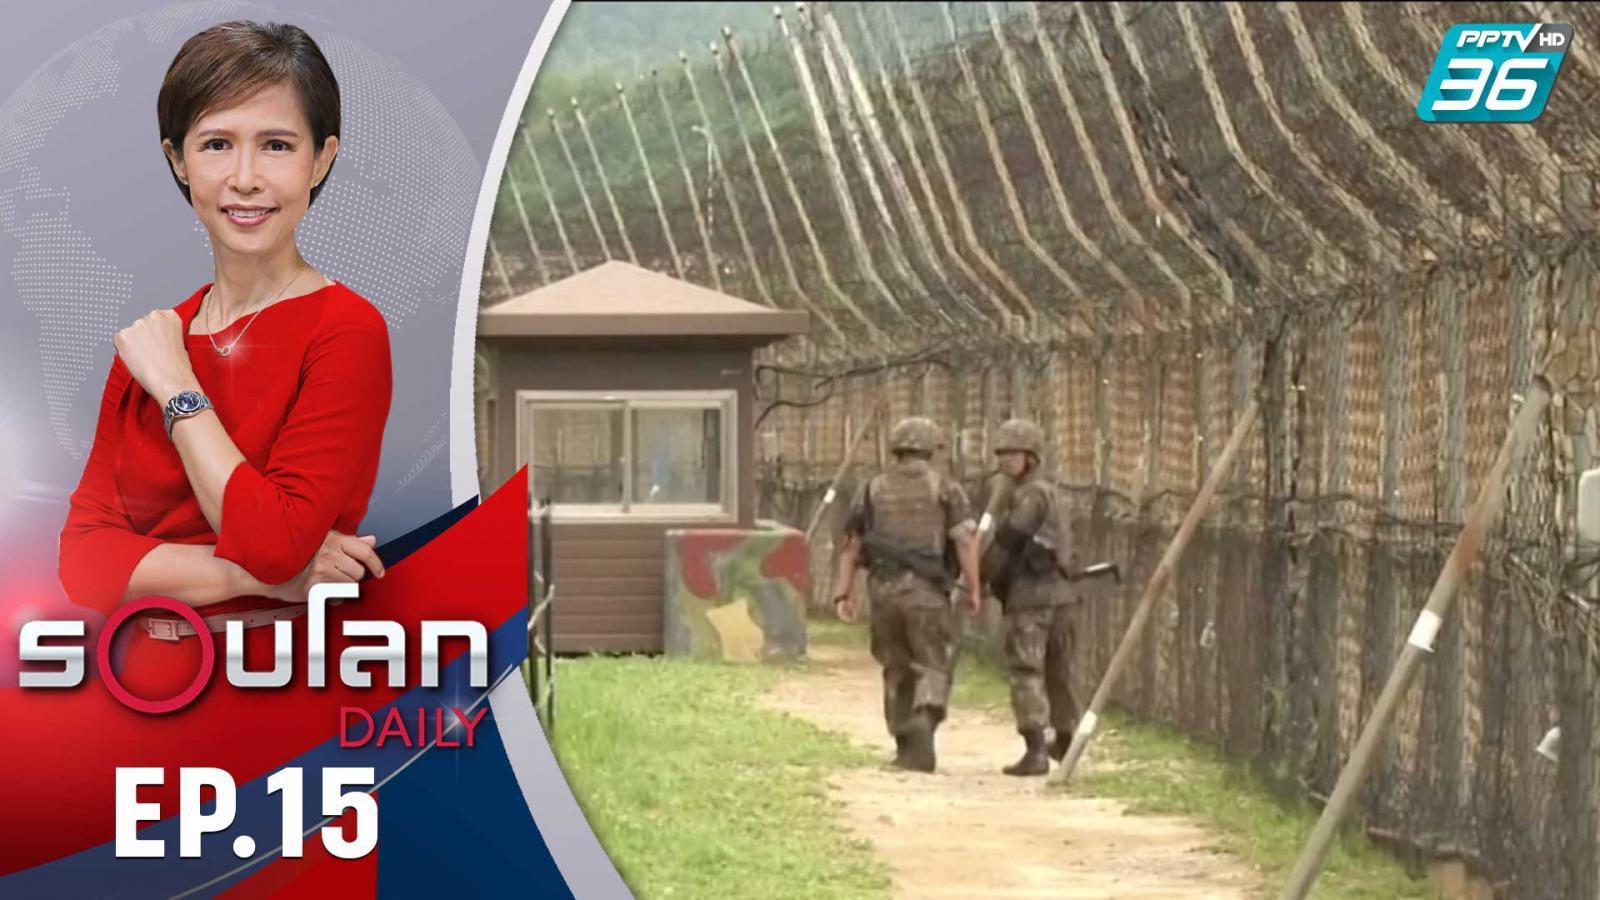 สองเกาหลีเครียดอีกครั้ง  หลังเหตุระเบิดสำนักงานร่วม